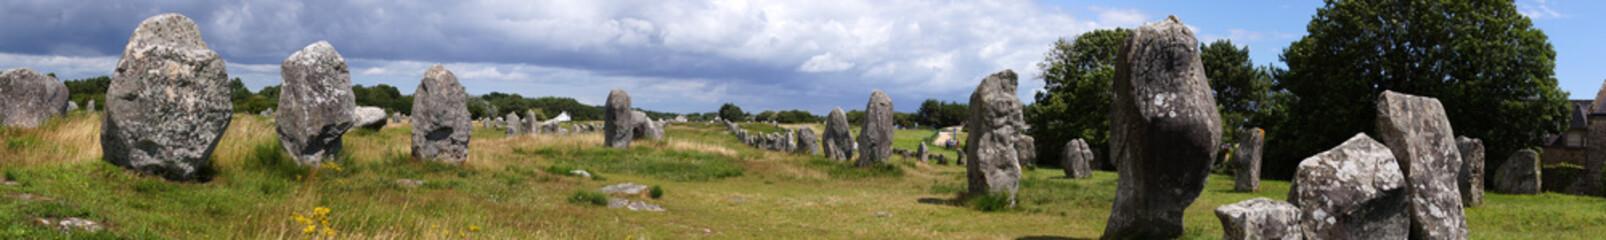 Alignement de Menhirs de Carnac